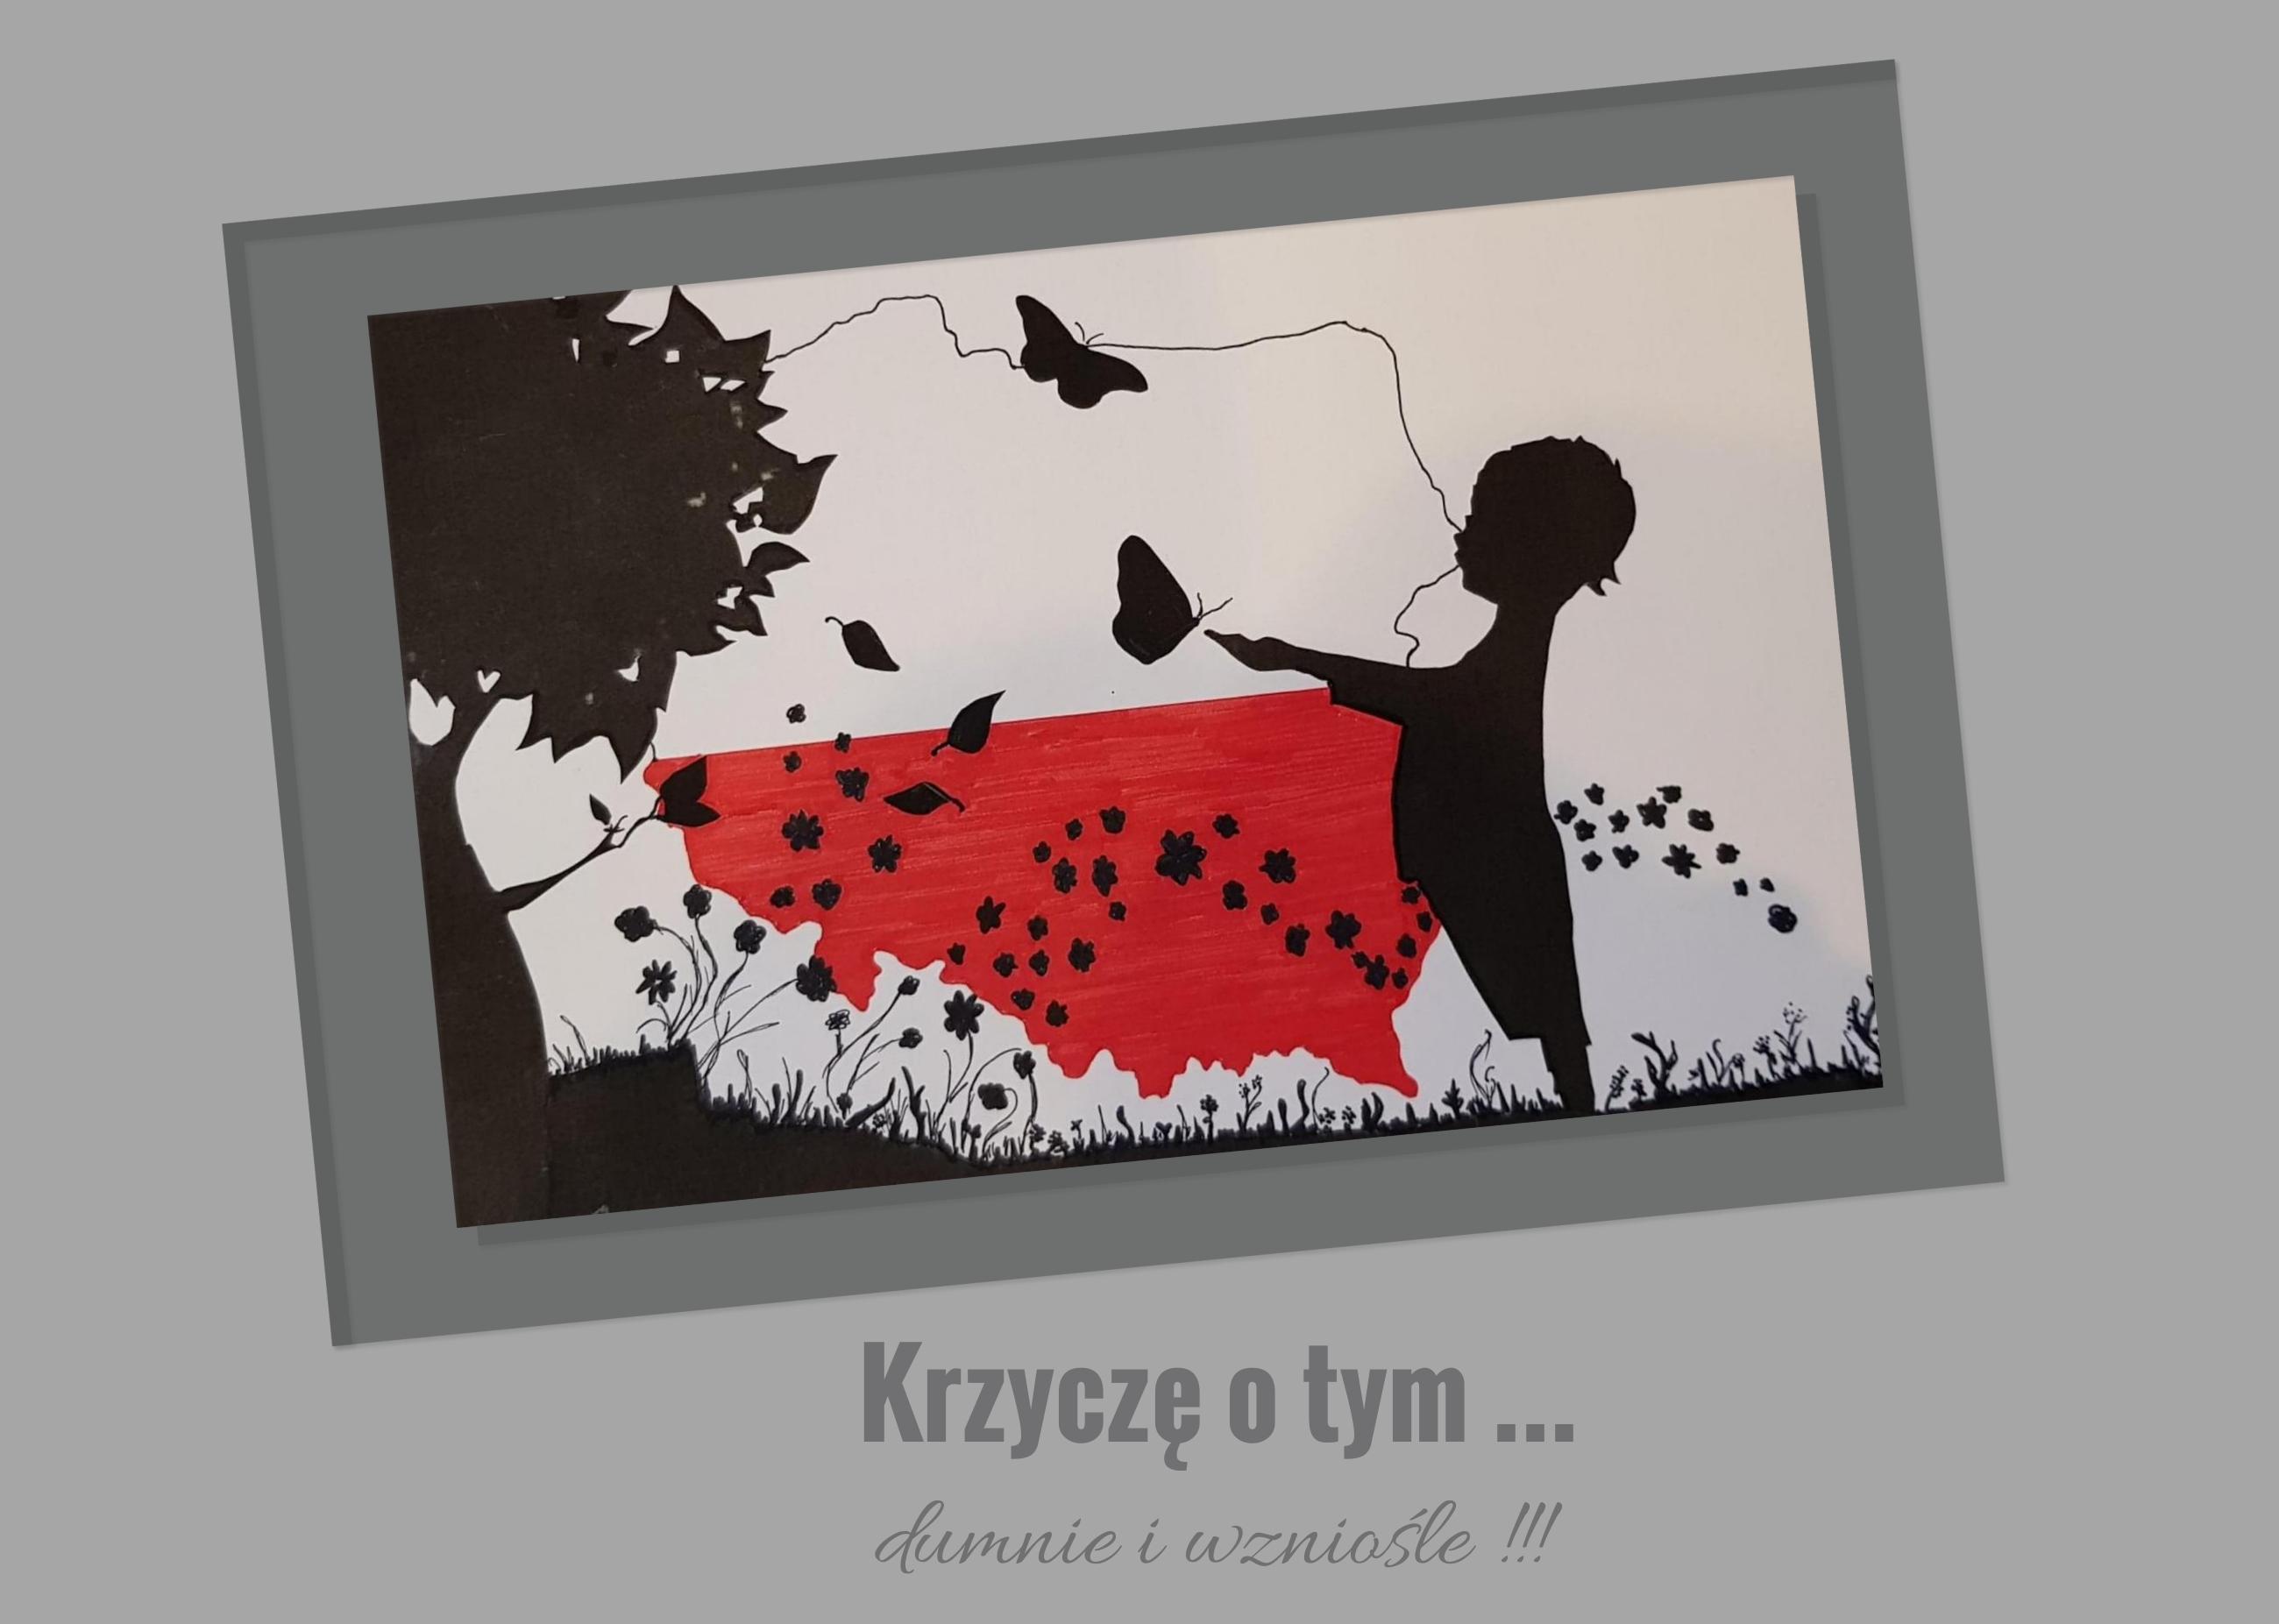 8. Polska.jpg (928 KB)